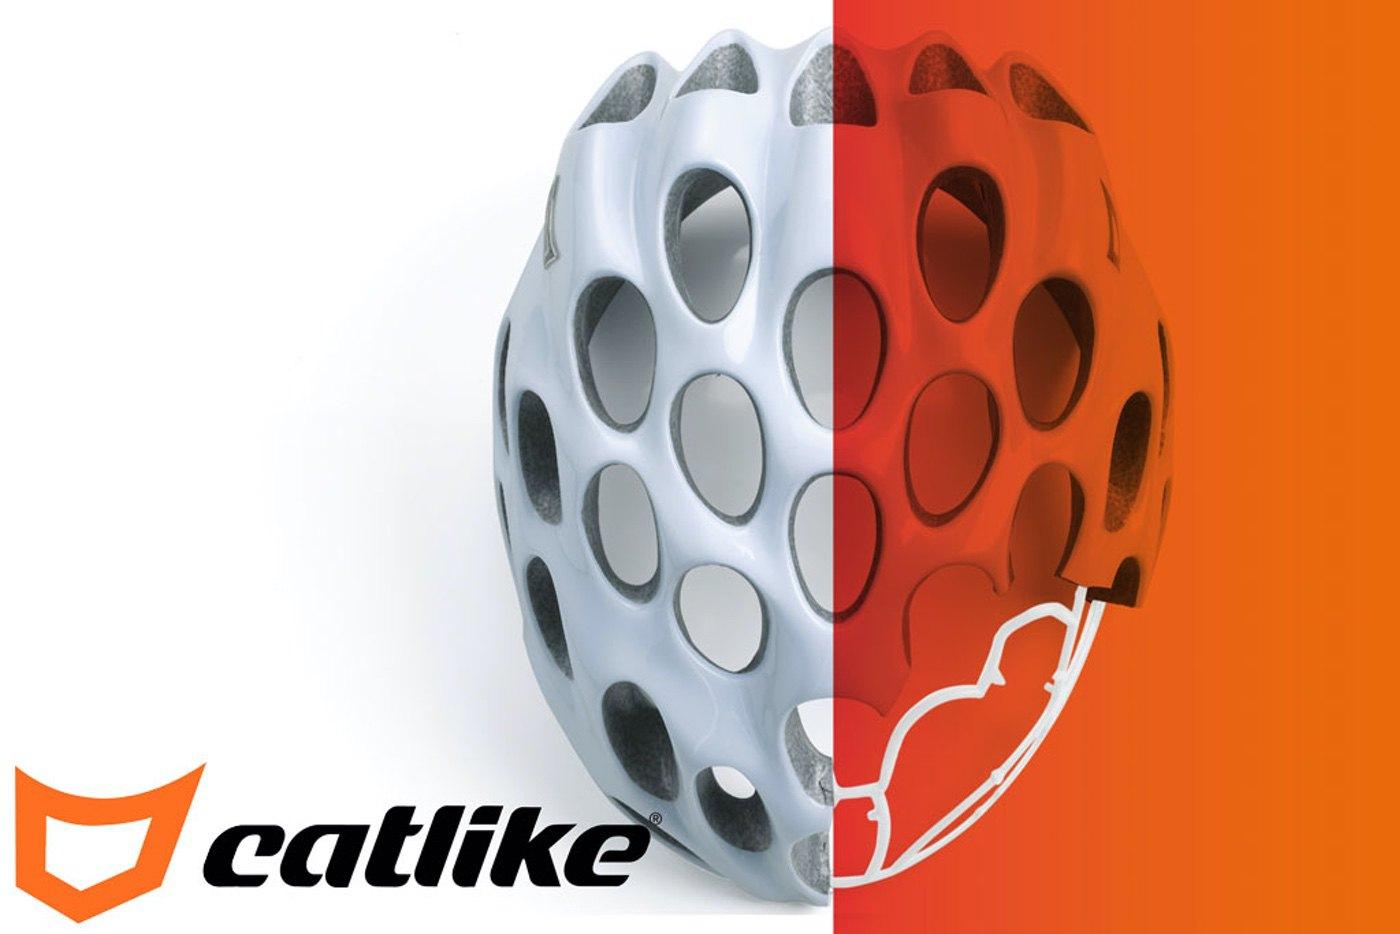 Plan Renove de Catlike: un motivo más para que no salgas sin casco